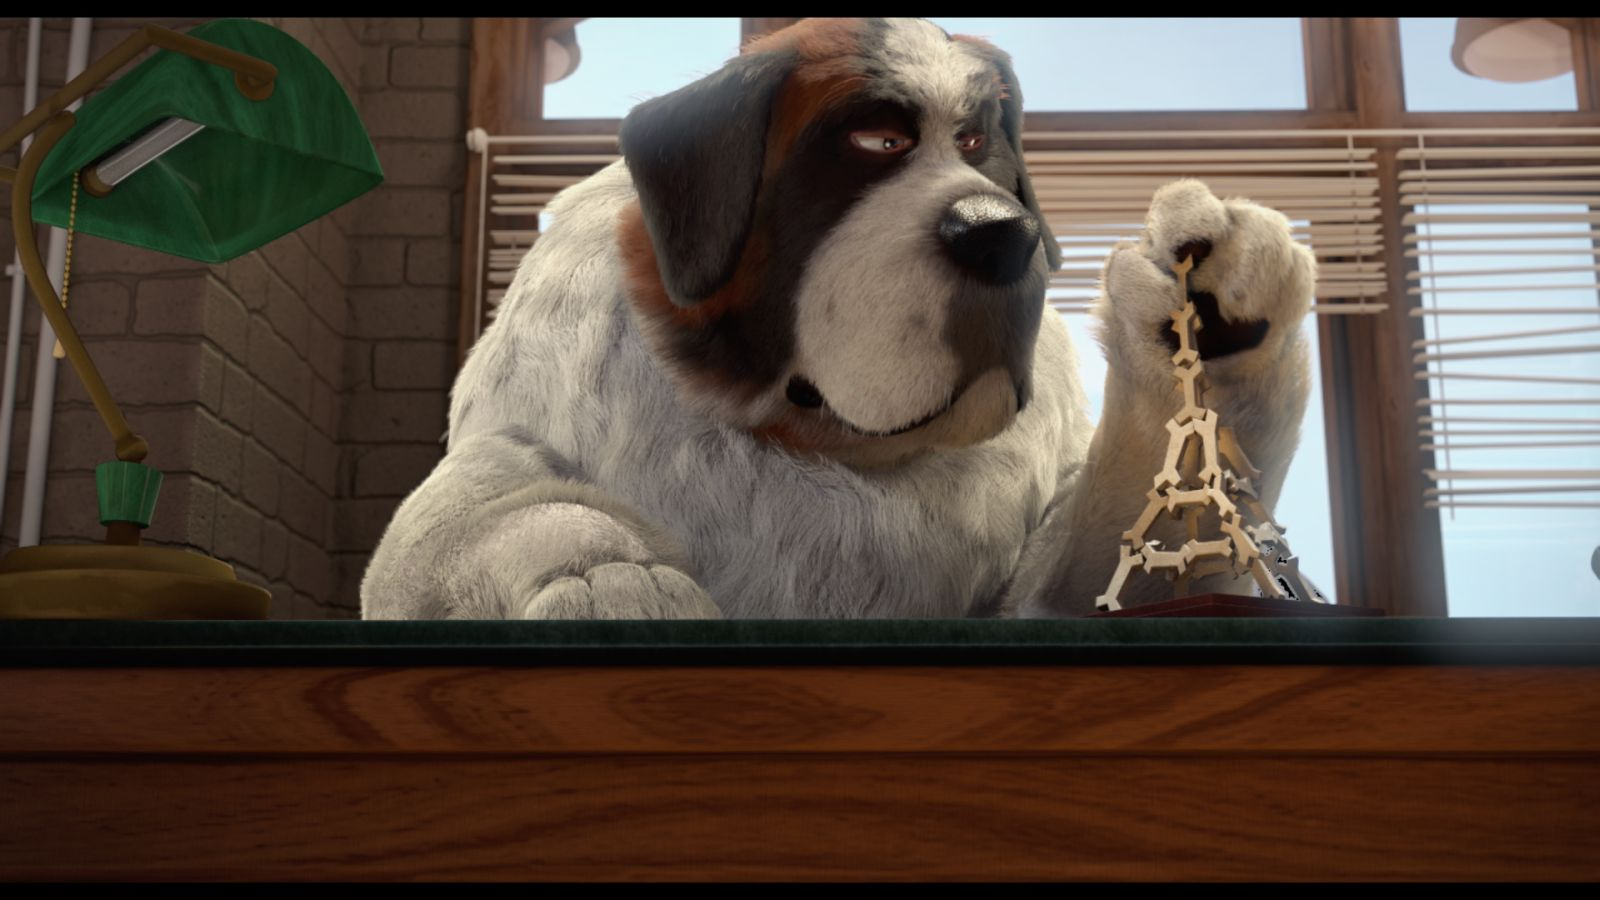 Ozzy - Cucciolo coraggioso: un momento del film animato